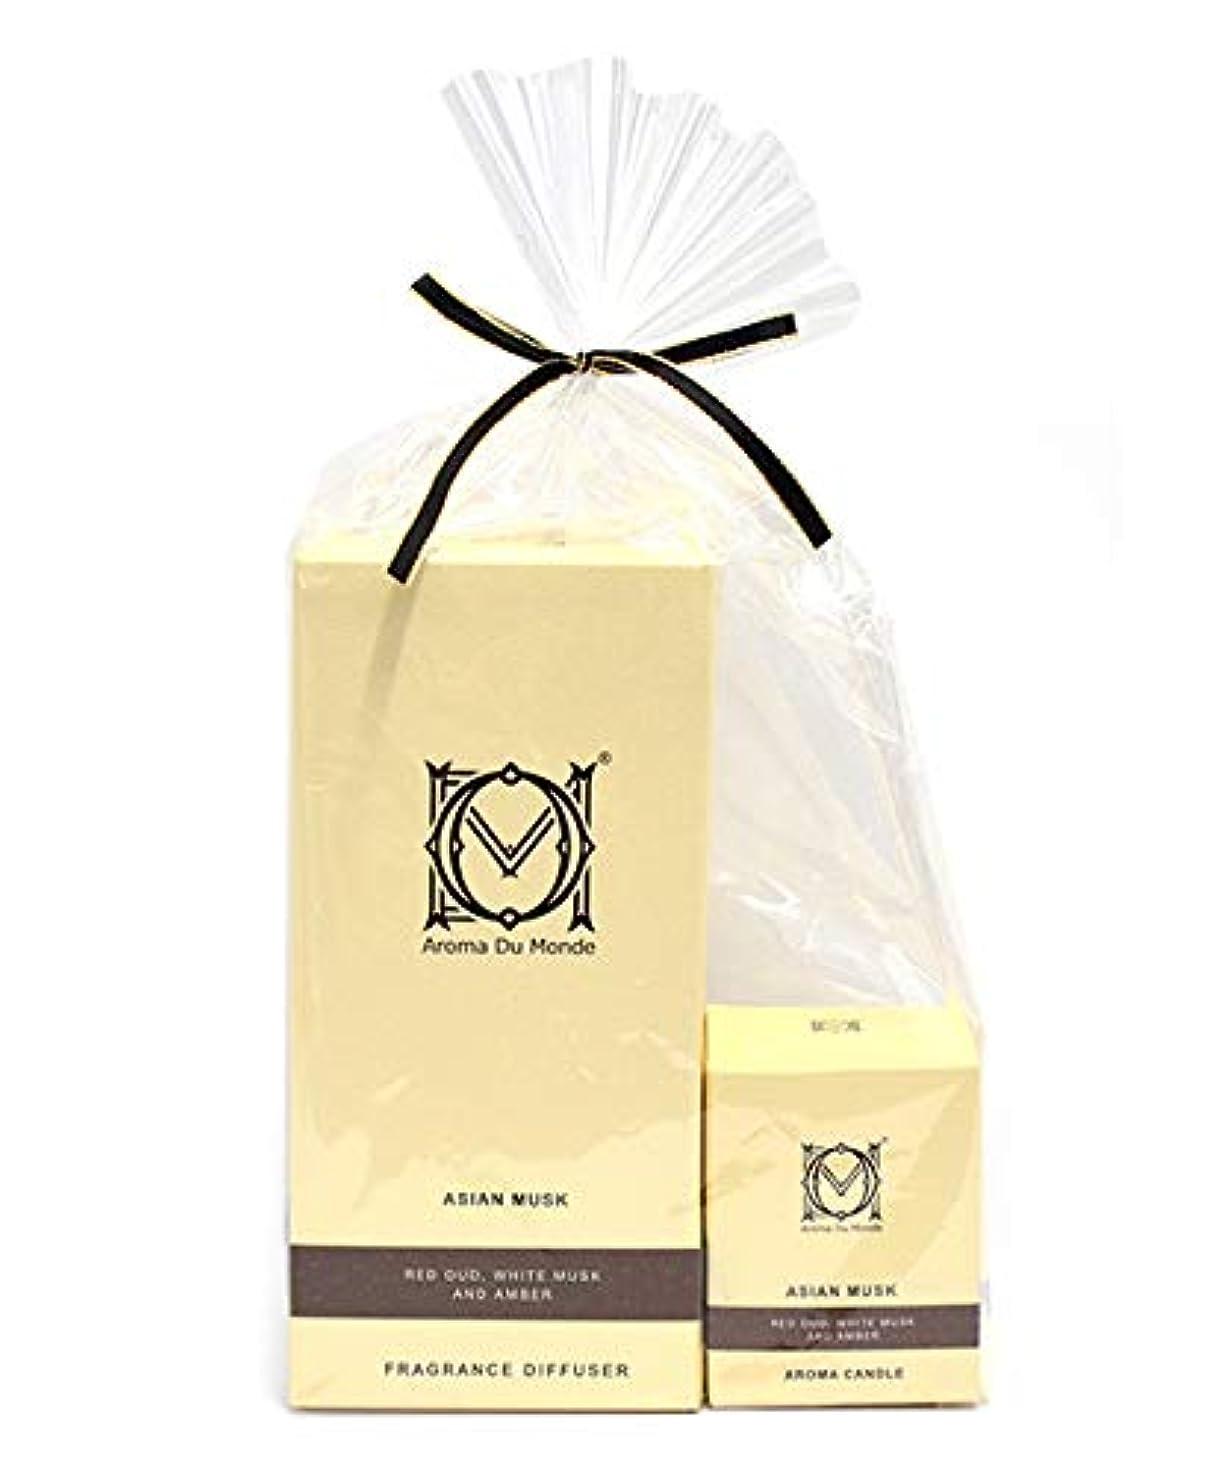 メンタリティ黒ジャズフレグランスディフューザー&キャンドル アジアンムスク セット Aroma Du Monde/ADM Fragrance Diffuser & Candle Asian Musk Set 81157